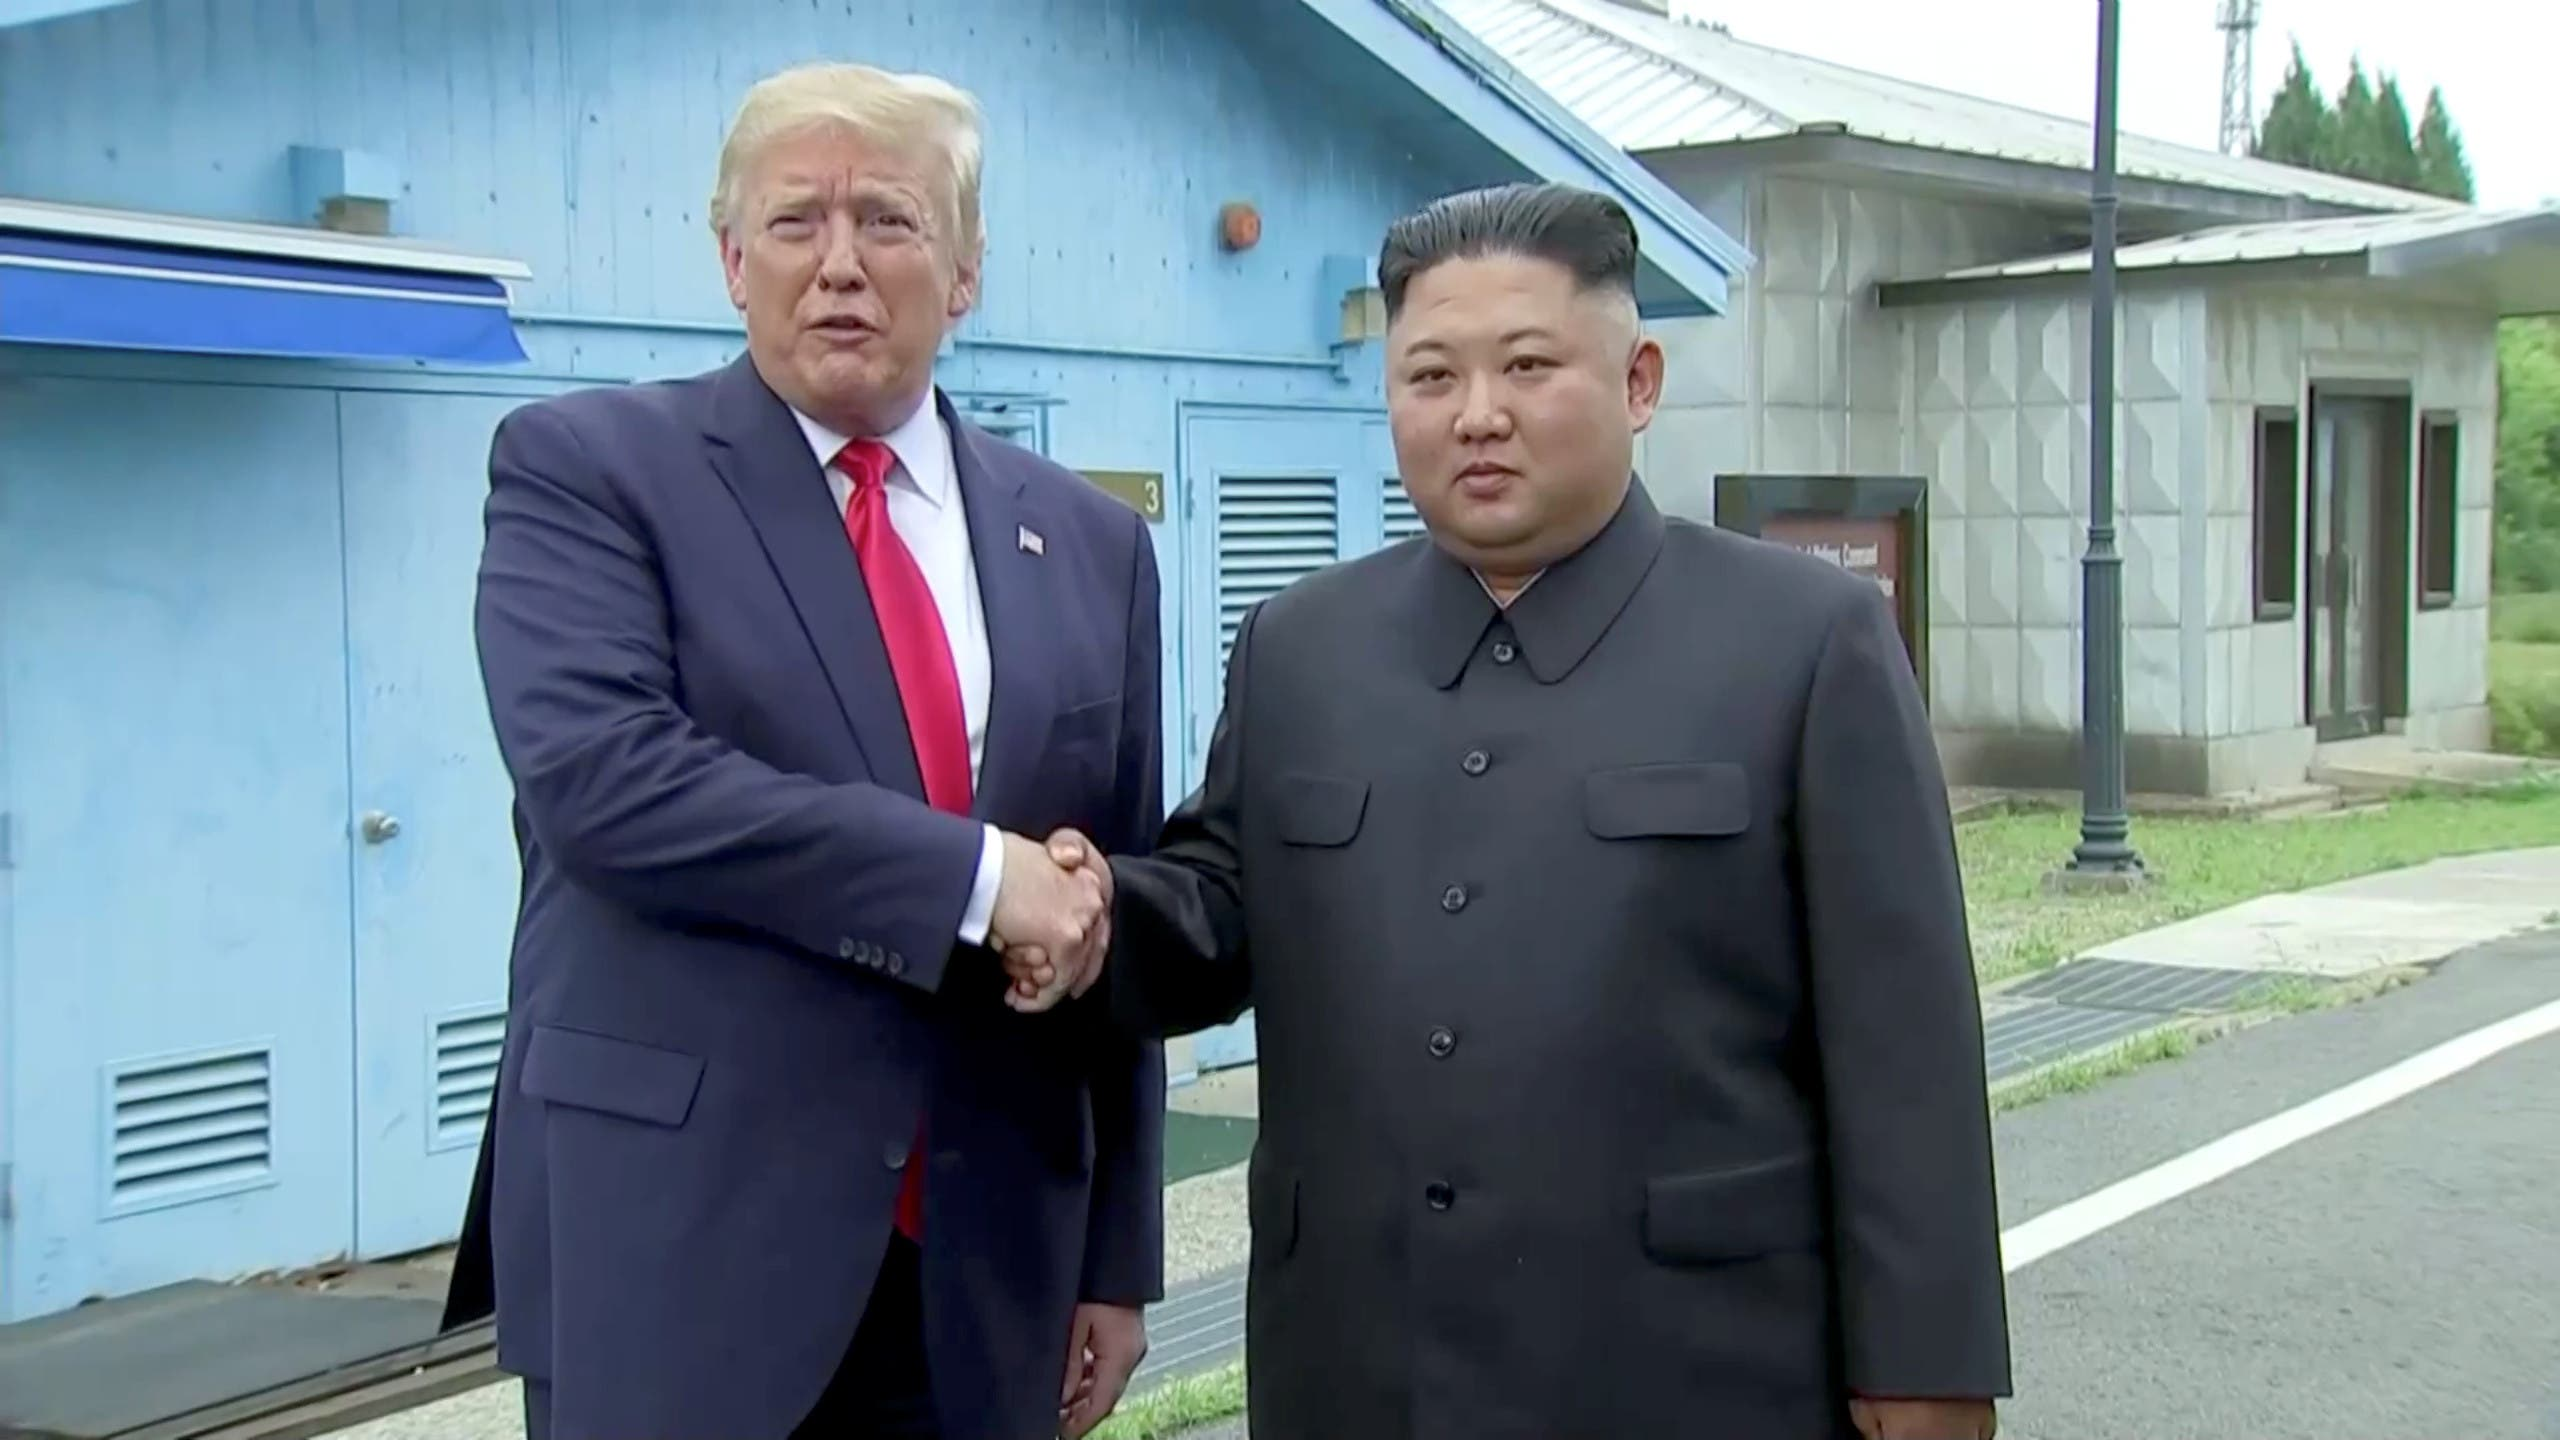 مصافحة تاريخية بين الرئيس ترمب وزعيم كوريا الشمالية